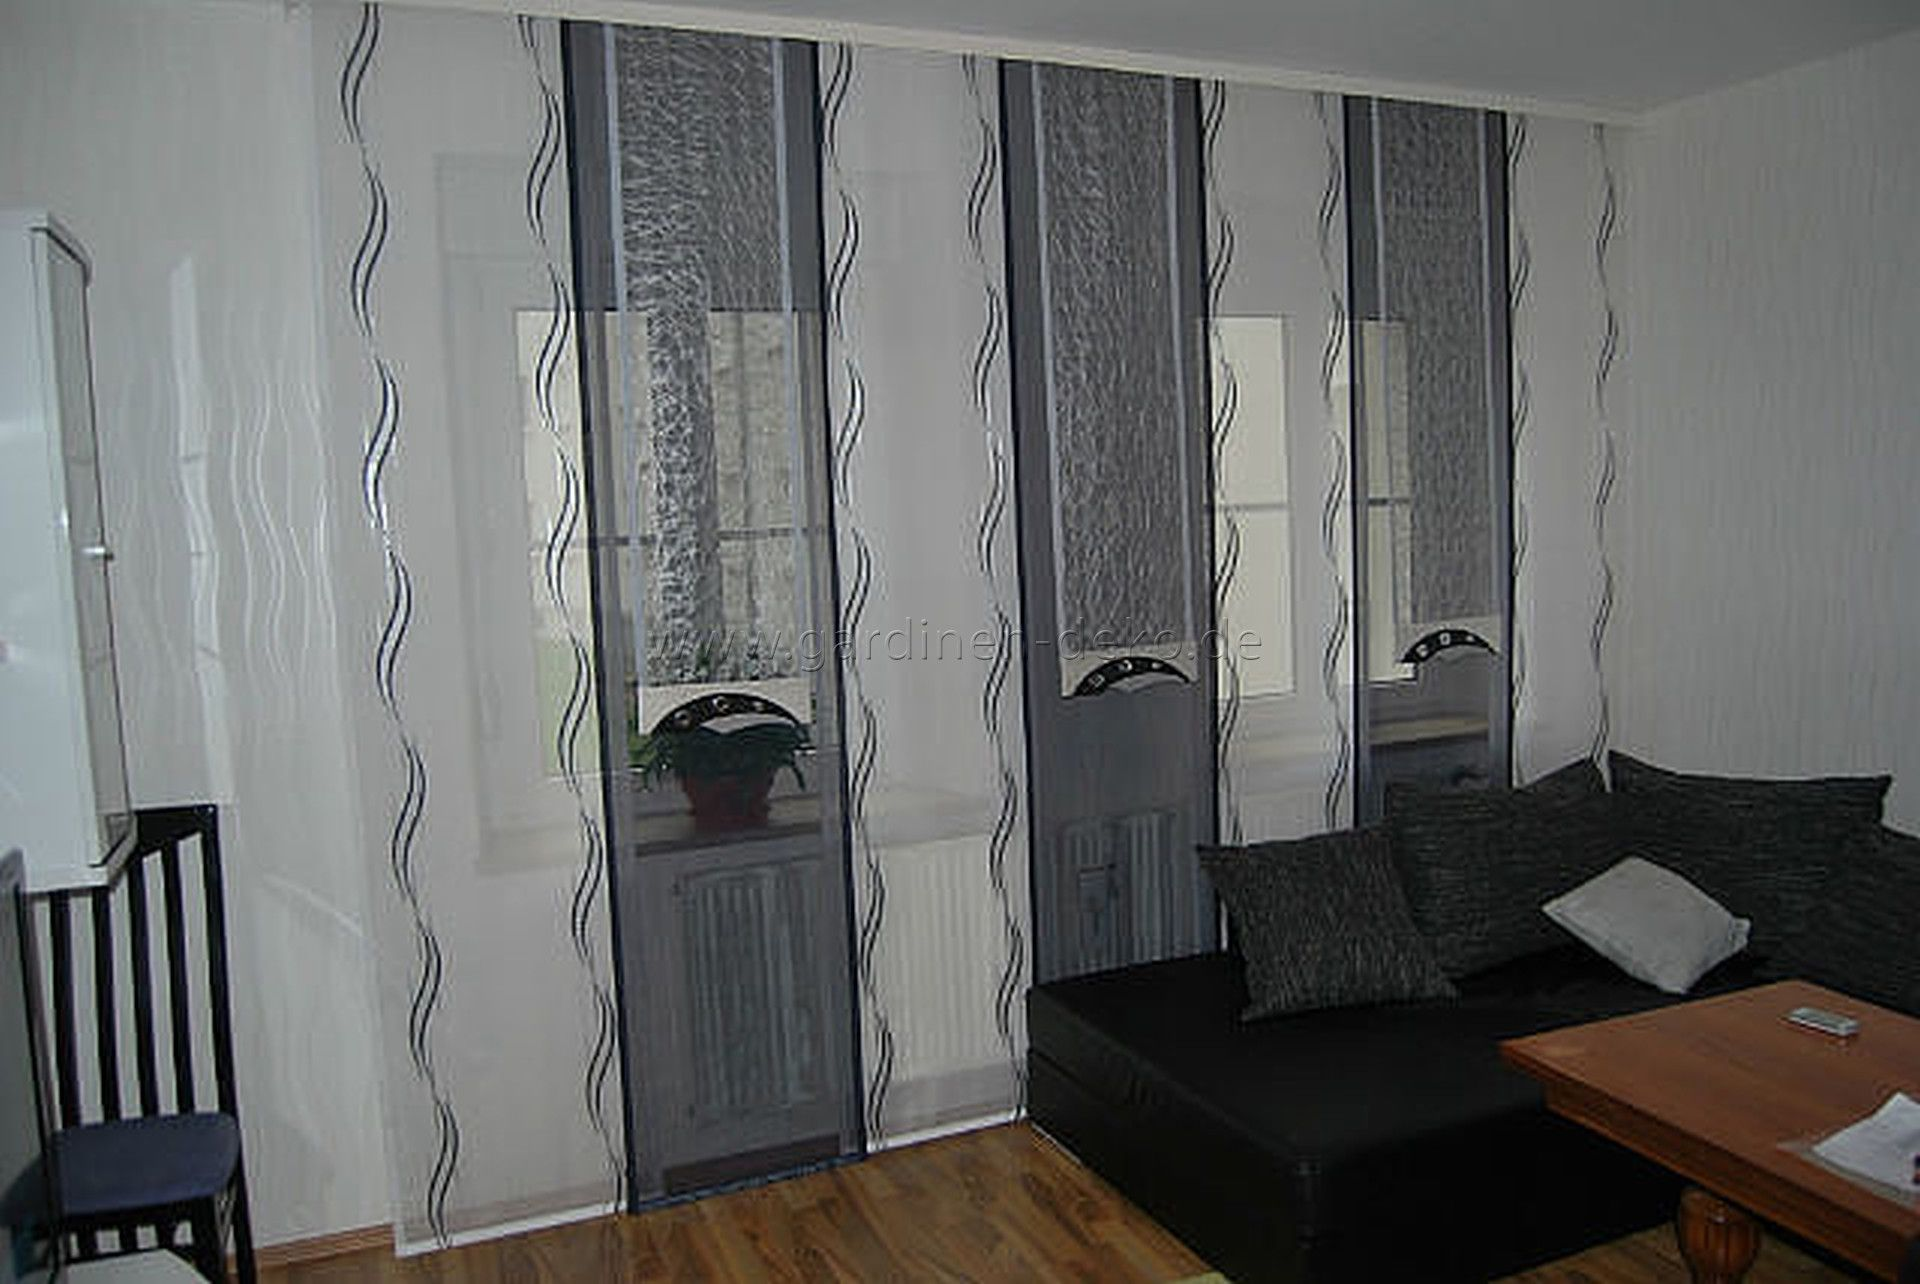 Scheibengardinen Wohnzimmer ~ Wohnzimmer schiebegardine im wellendesign mit dekonetzen